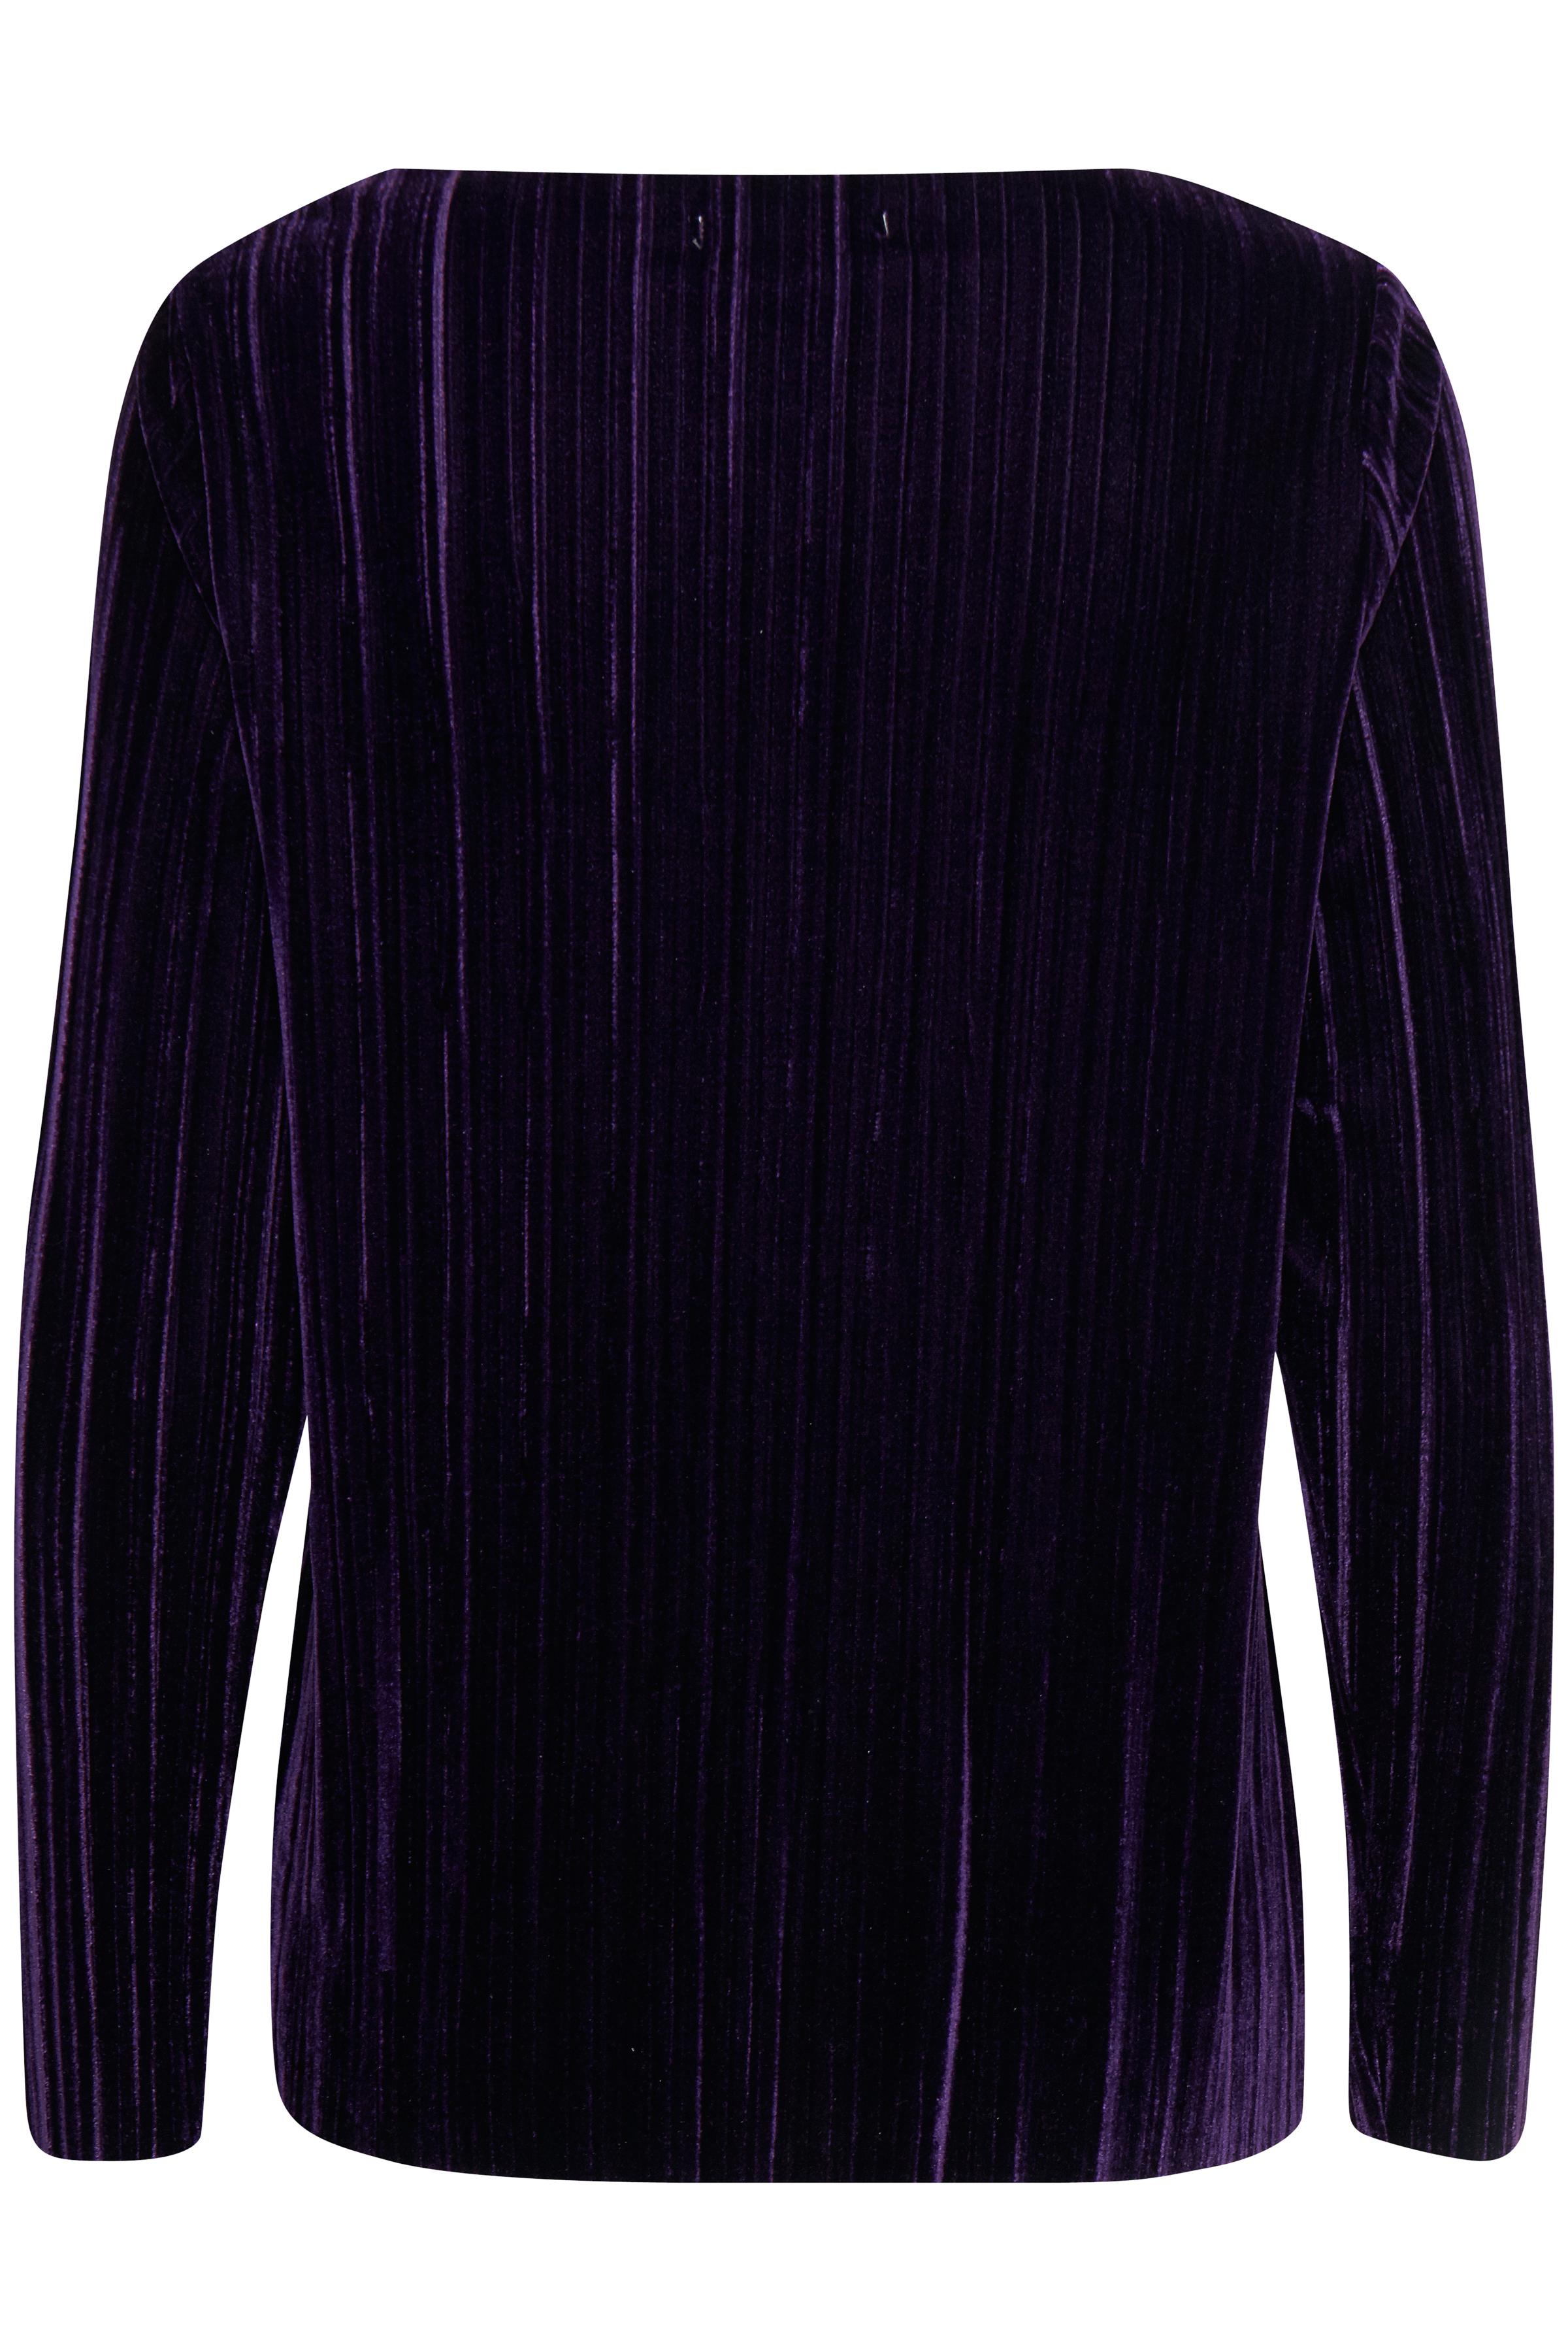 Blackberry Purple Langarm-Shirt von b.young – Kaufen Sie Blackberry Purple Langarm-Shirt aus Größe S-XXL hier